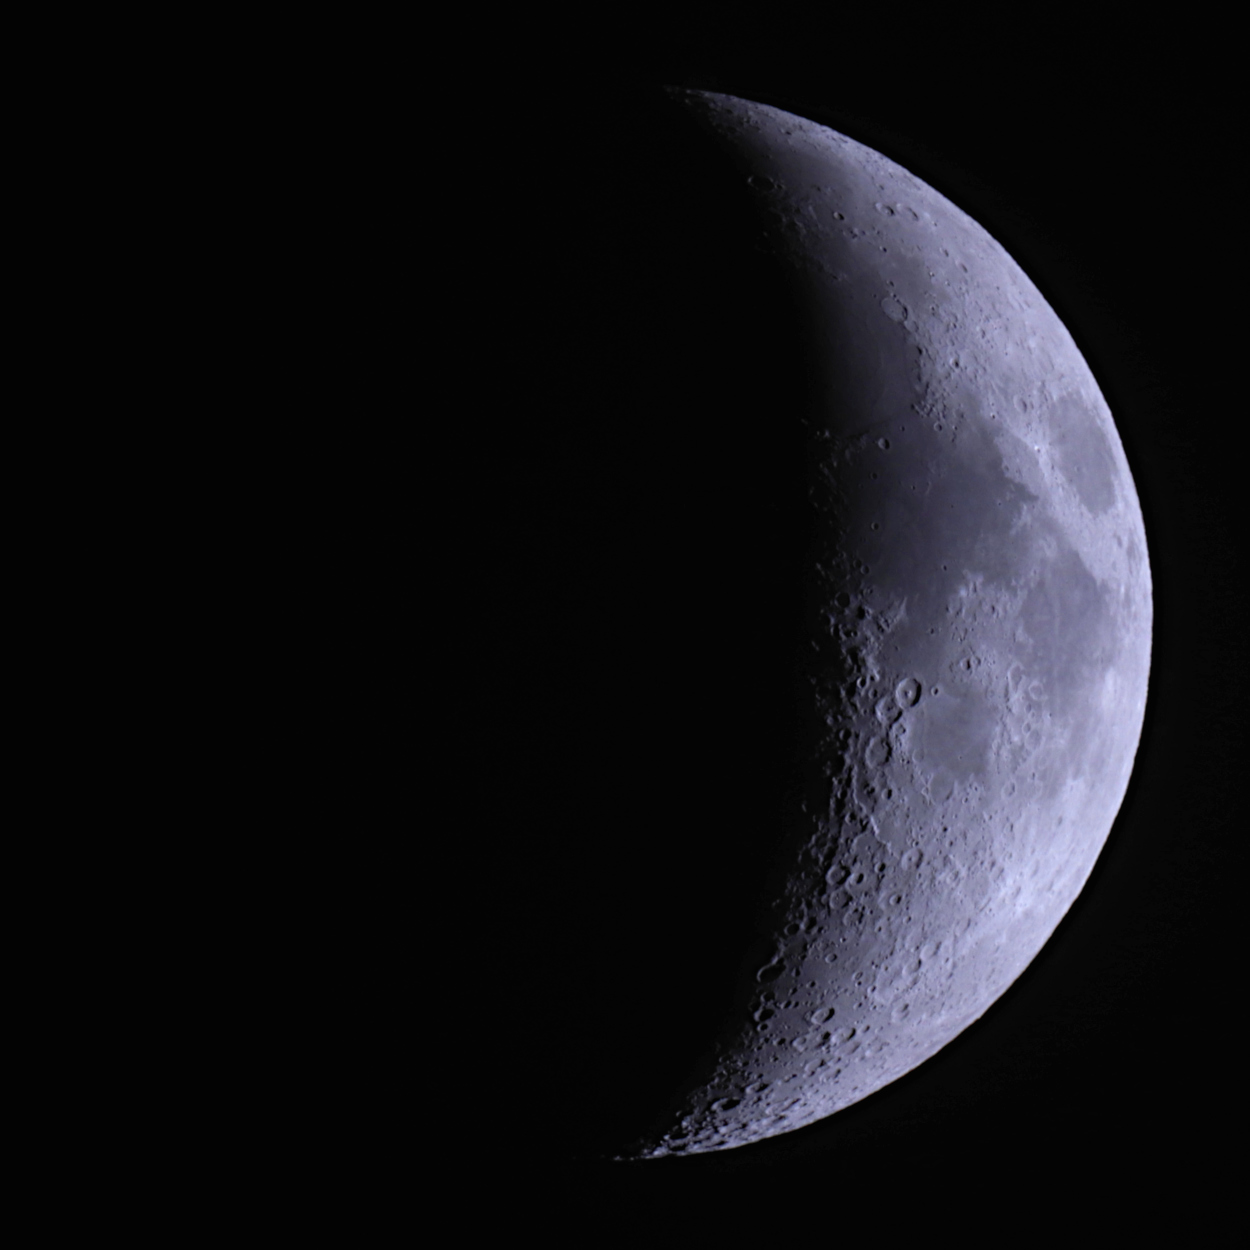 Mond_fast-halb_klein.jpg